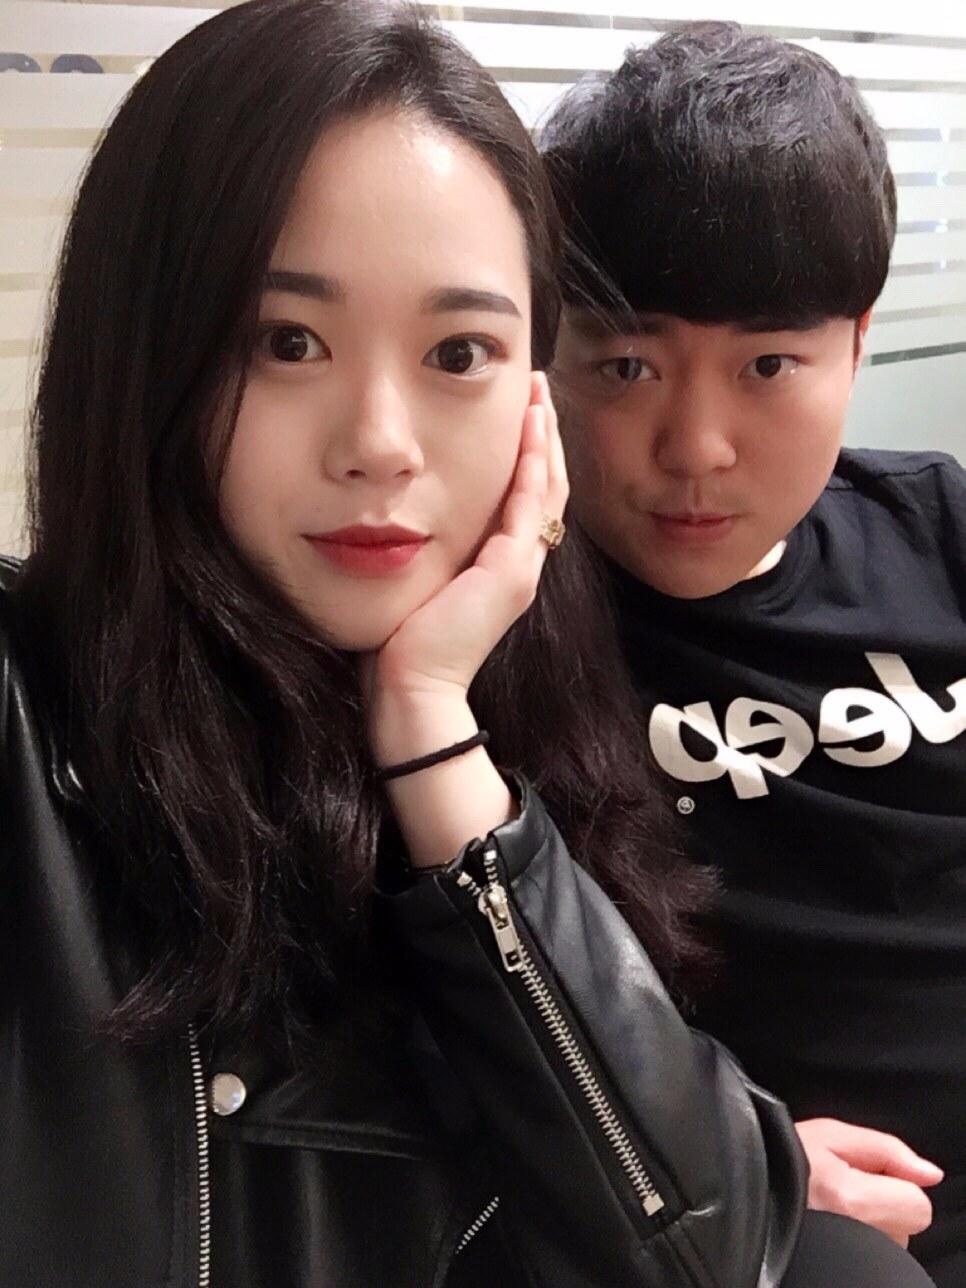 每次看到韓國情侶曬閃照,是不是都覺得好羨慕啊~為什麼他們總是有那麼多姿勢和表情可以拍,讓照片看起來很夢幻呢?這次摩登少女就要帶你來看看,究竟韓國情侶拍照的小技巧是什麼呢?